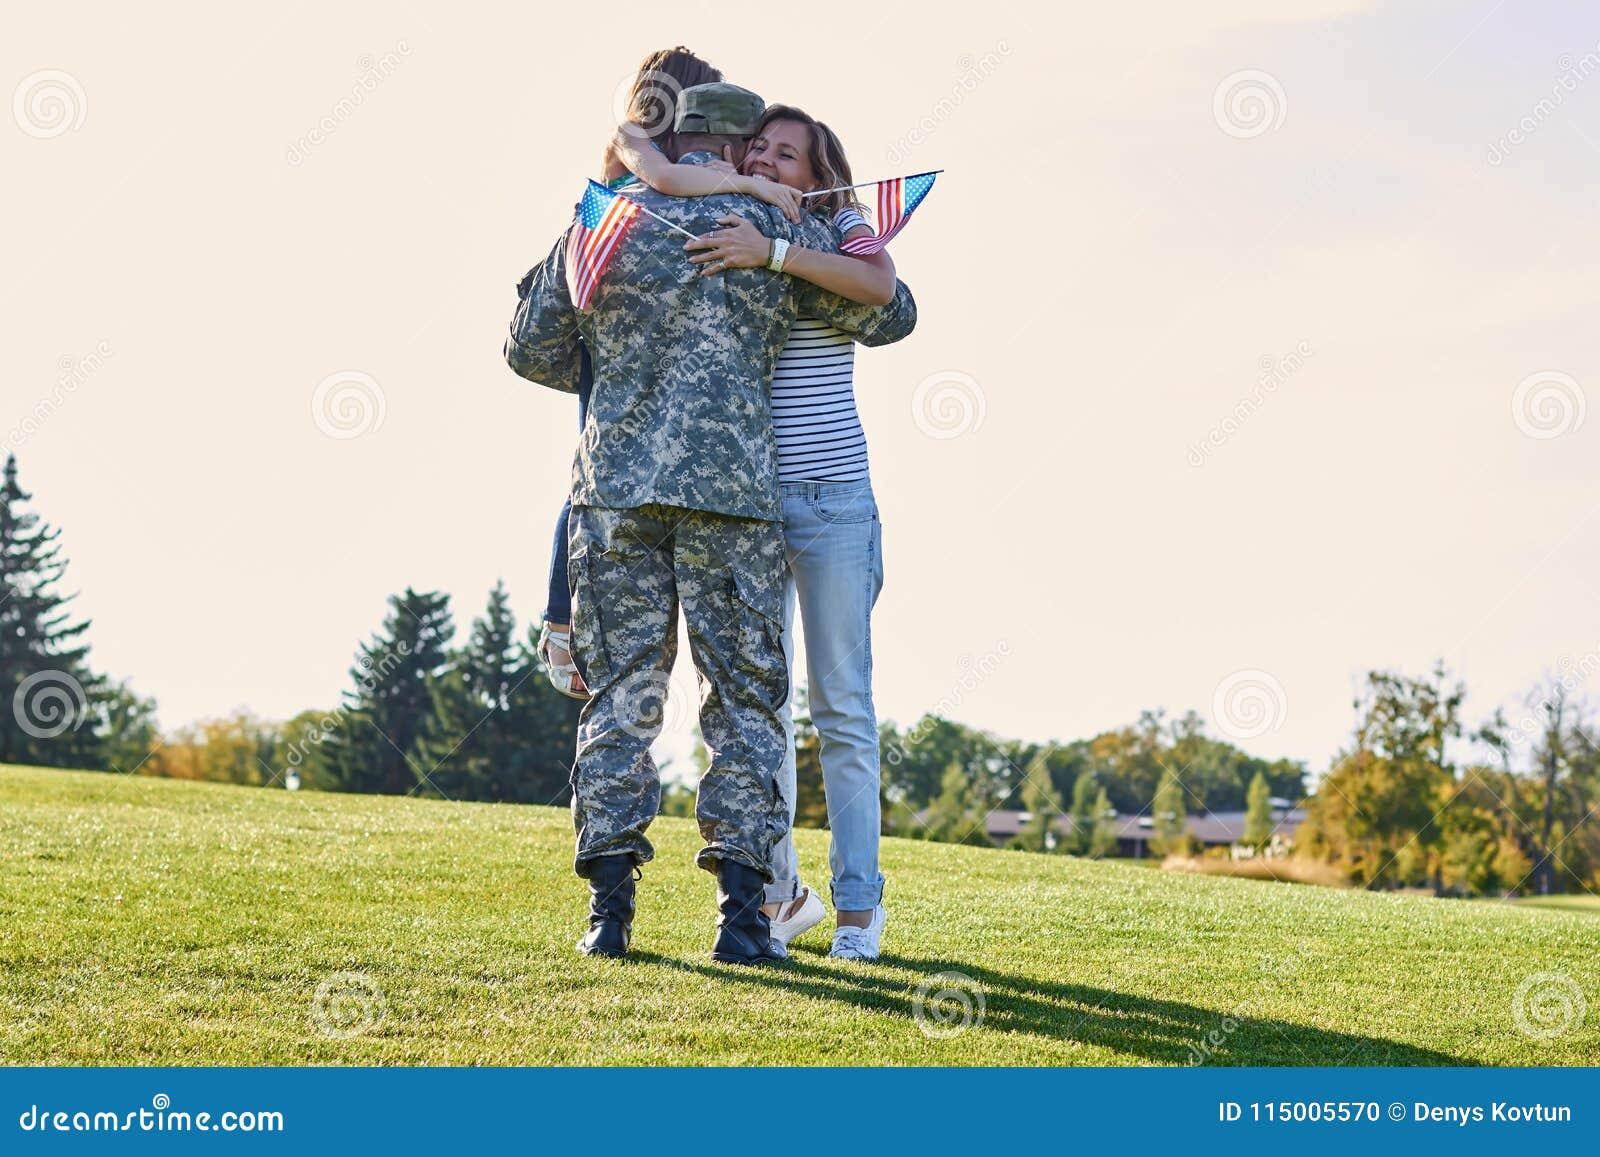 I love military men